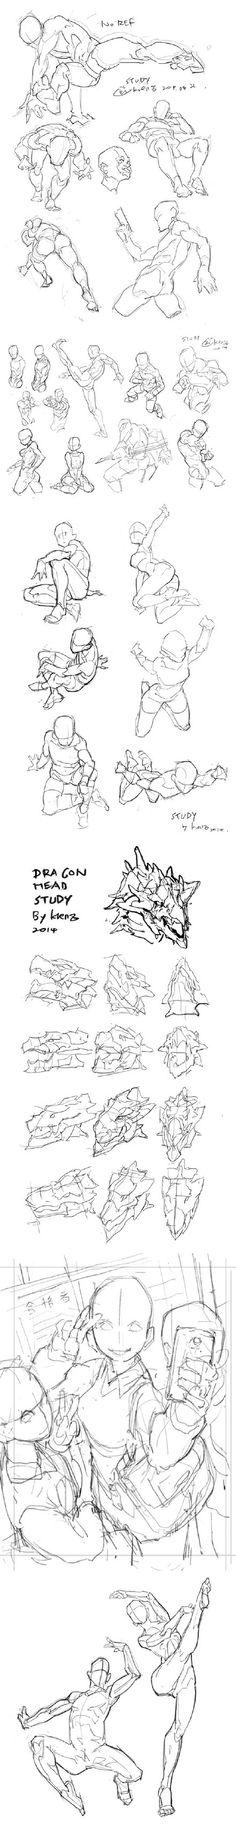 原畫人官方微博:#繪畫參考# @Krenz (id=74646) 是台灣的美術教育家,教授透視、人體等課程。下面是他的一些人體透視研究,帶有簡單易懂的輔助線。可以結合Krenz大大之前發的 輪廓與結構的關聯性http://weibo.com/1926245291/C5XMe5lXB一起看,希望能........... - 微博精選 - 新浪星座算命